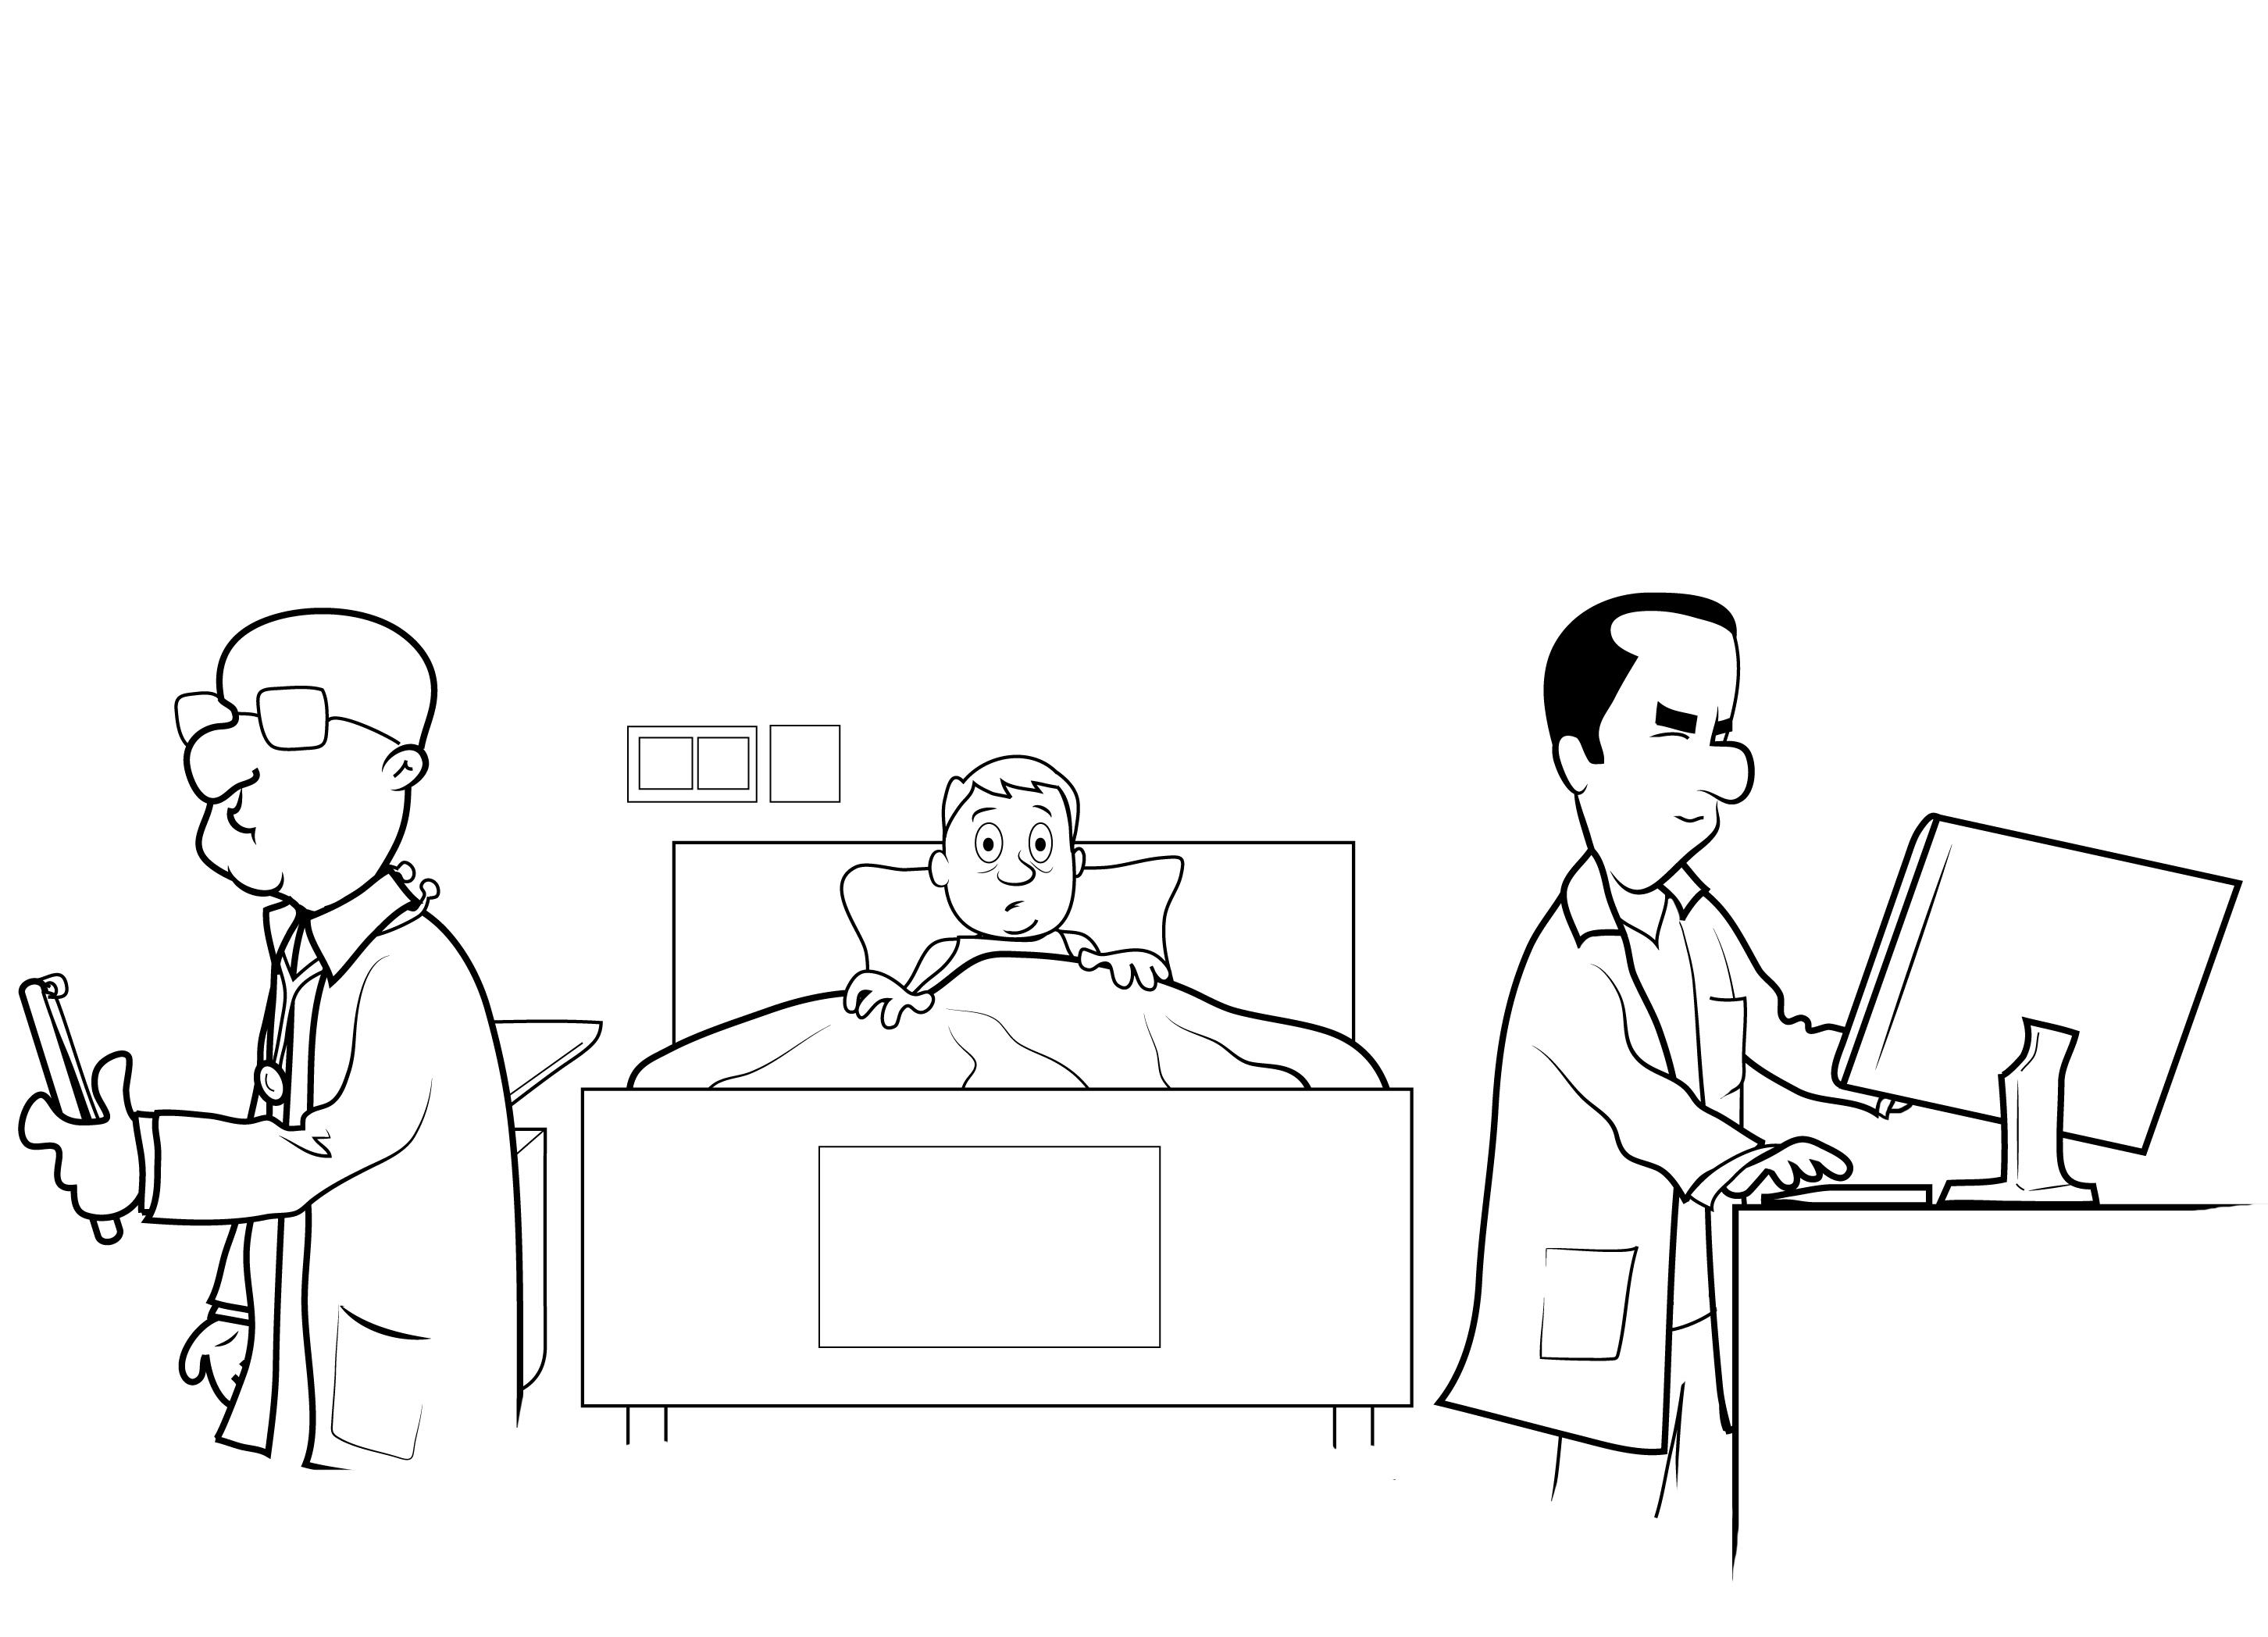 Auf dem Weg zur nahtlosen Gesellschaft: Von der digitalen Ratlosigkeit zur digitalen Transformation in der Medizin: Wege, Umwege, Irrwege und Auswege